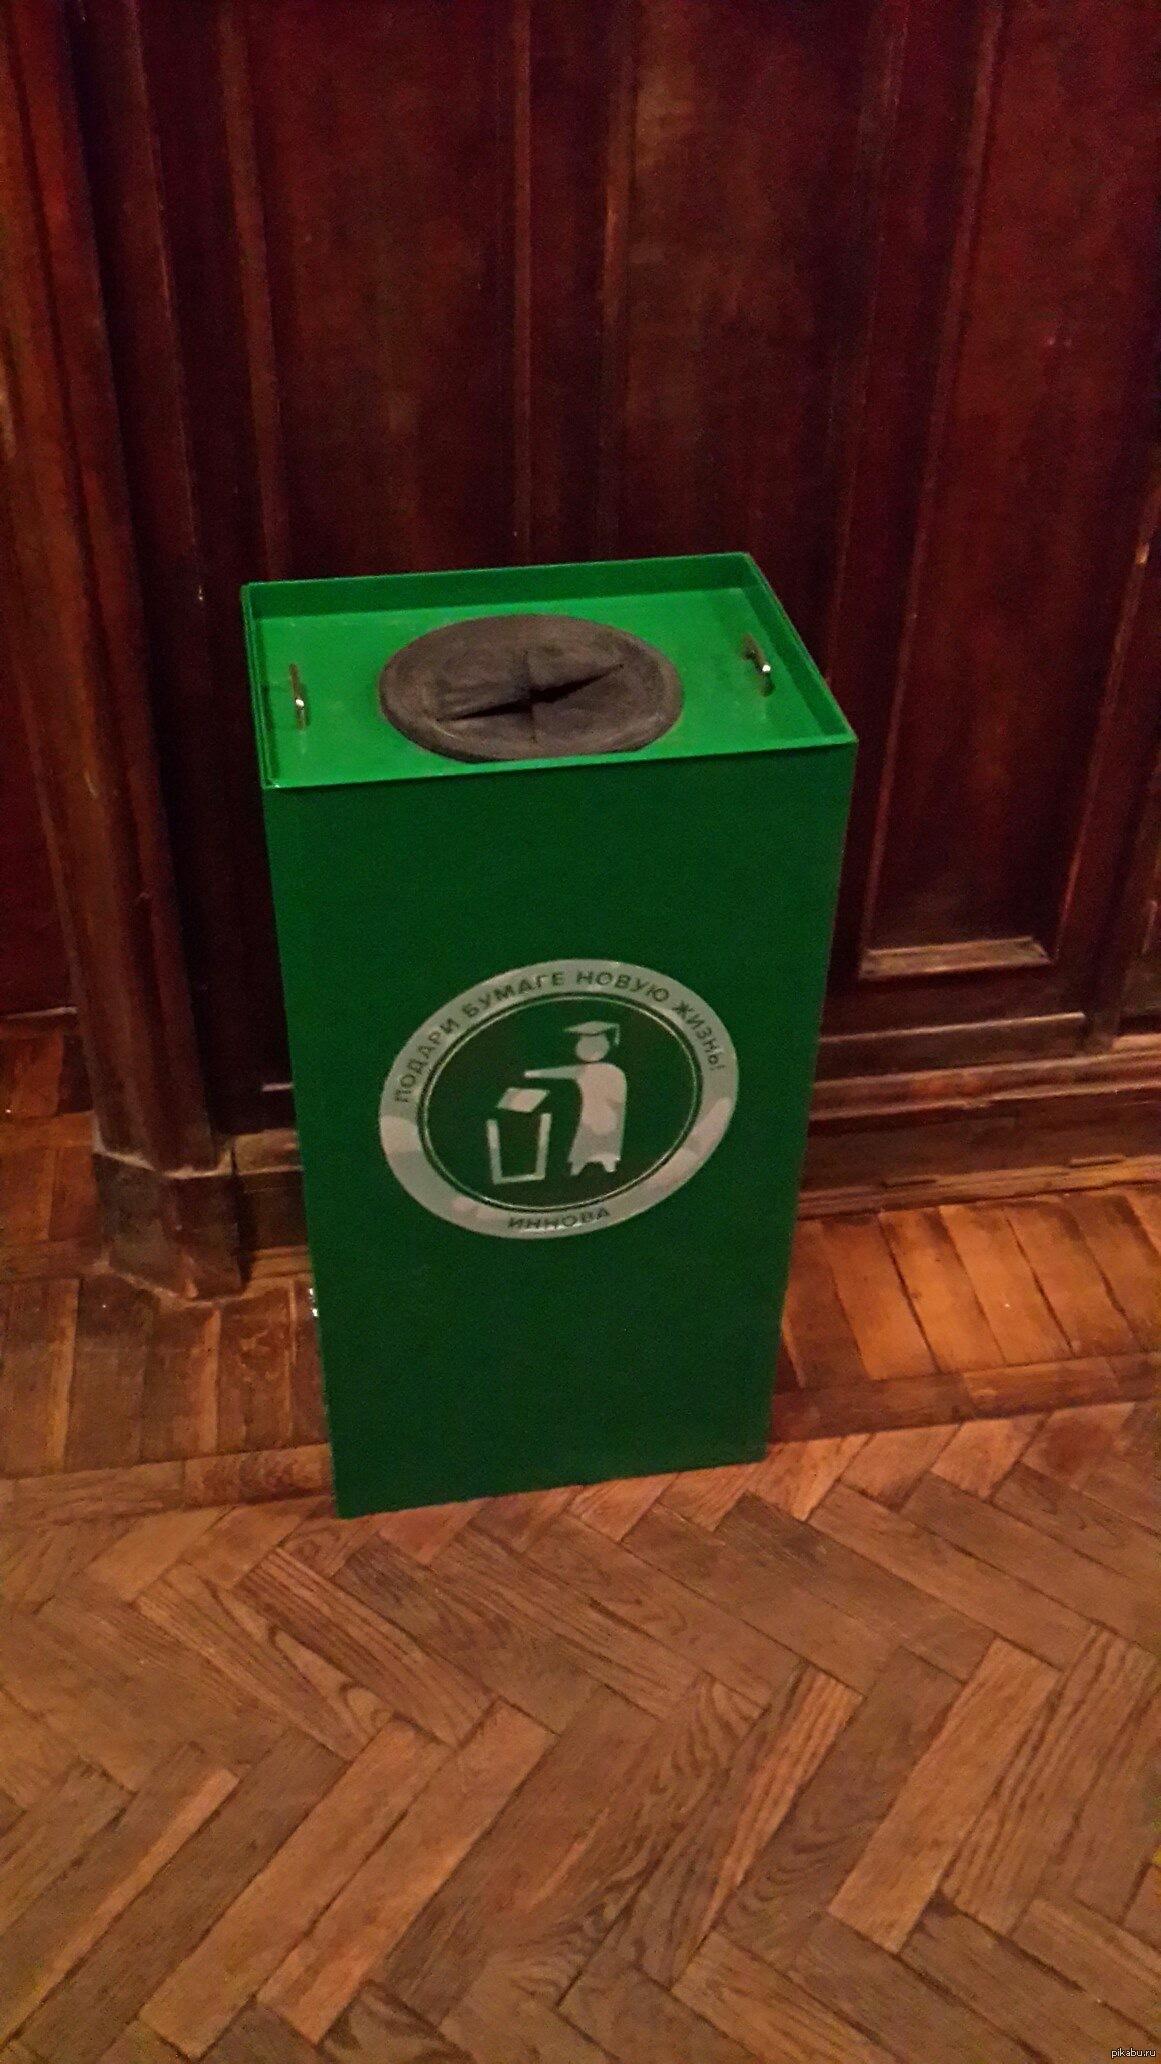 Подари диплому новую жизнь  Специальные мусорки для дипломов теперь установлены прямо в МГУ